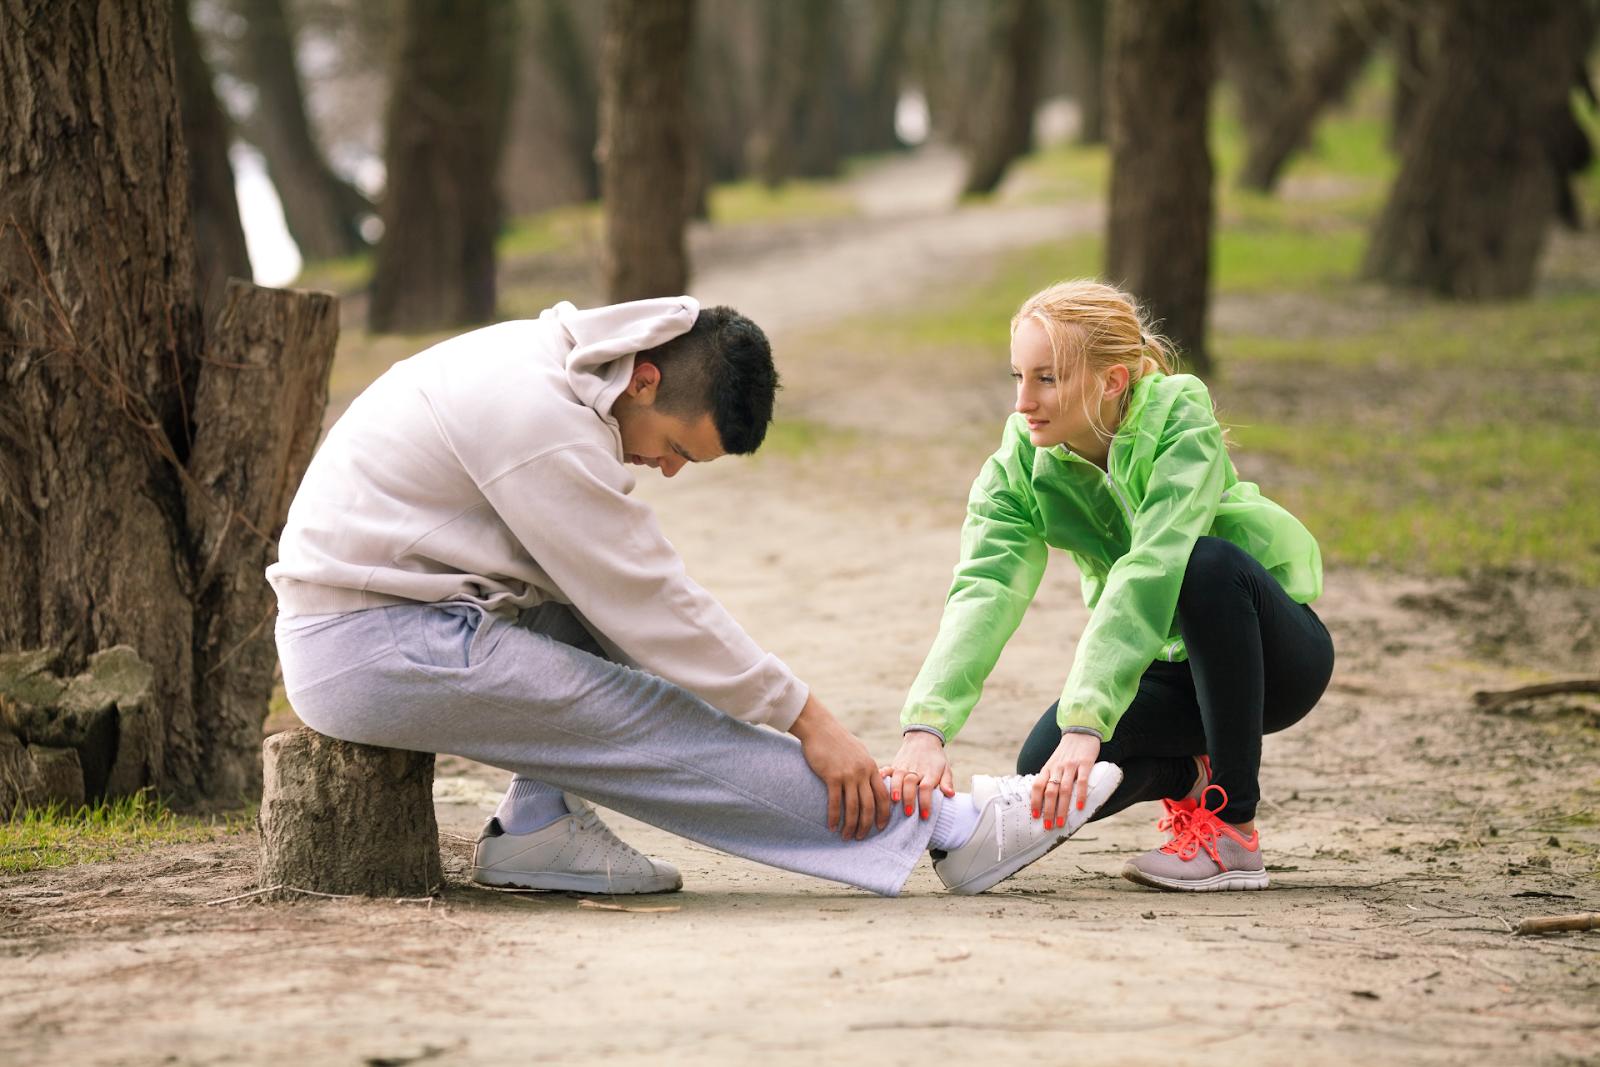 woman helping injured teammate